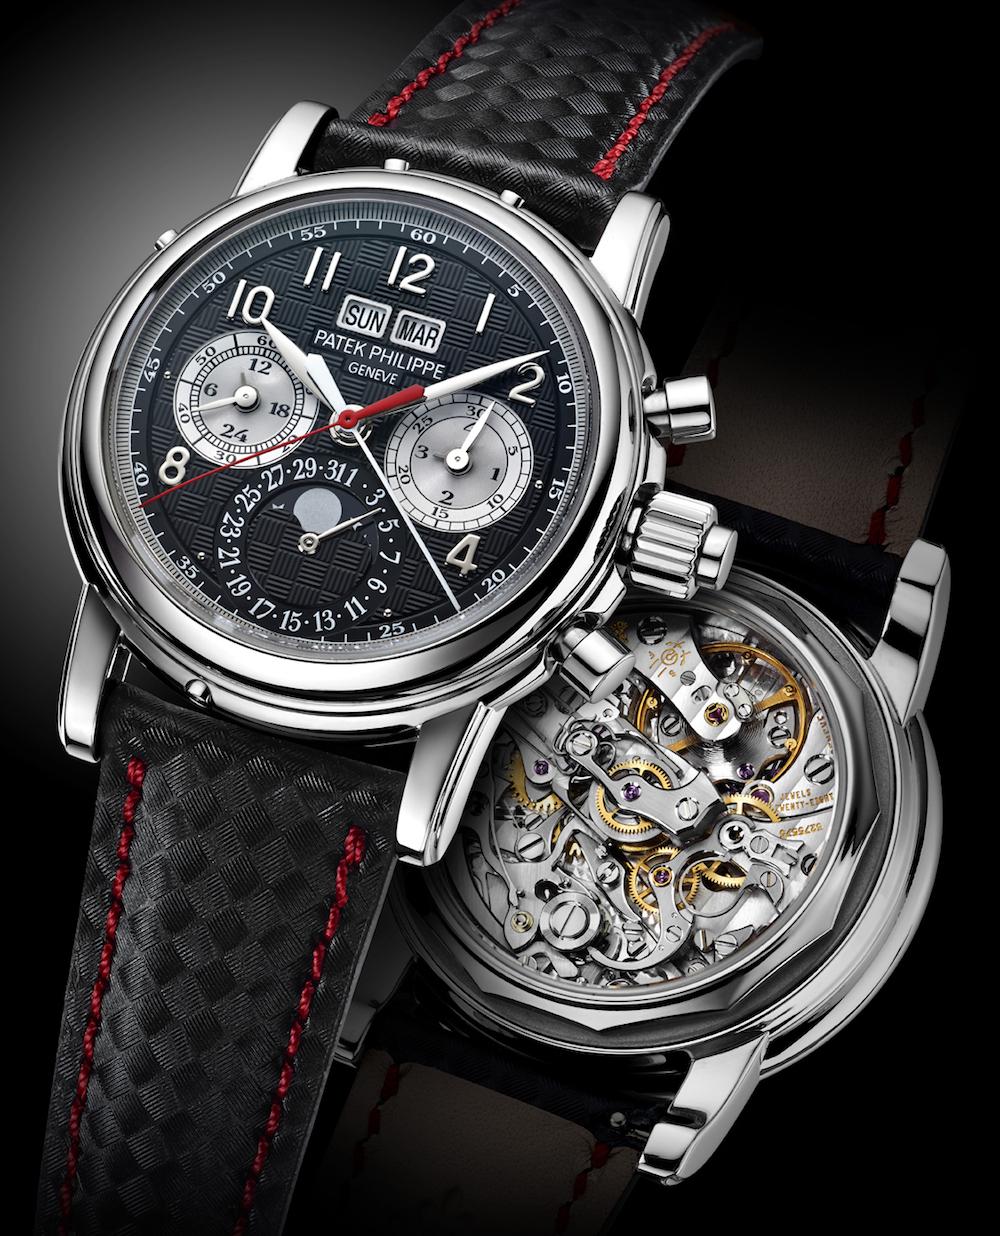 Az 5 legdrágább és legritkább Patek Philippe óra a világon - Órás Blog 39fec63310